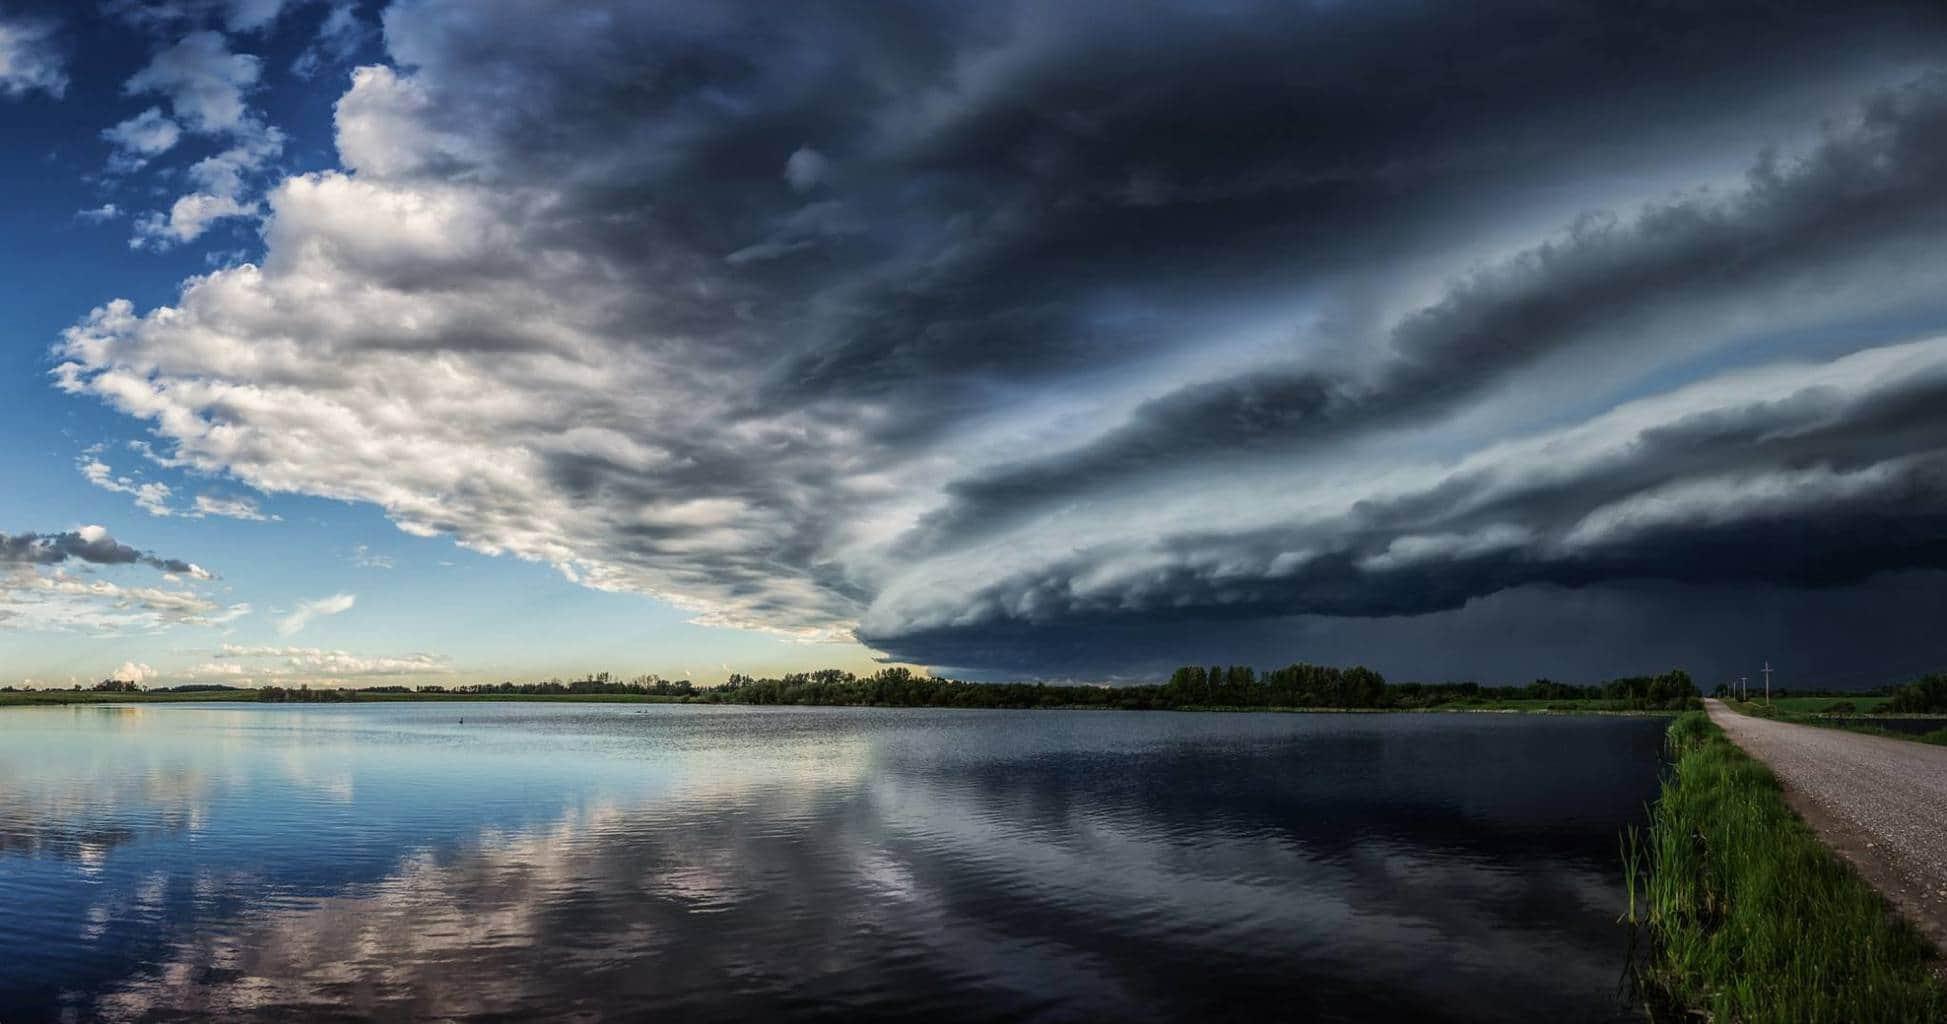 A shelf cloud pano from an evening storm near Red Deer, Alberta on June 19, 2015